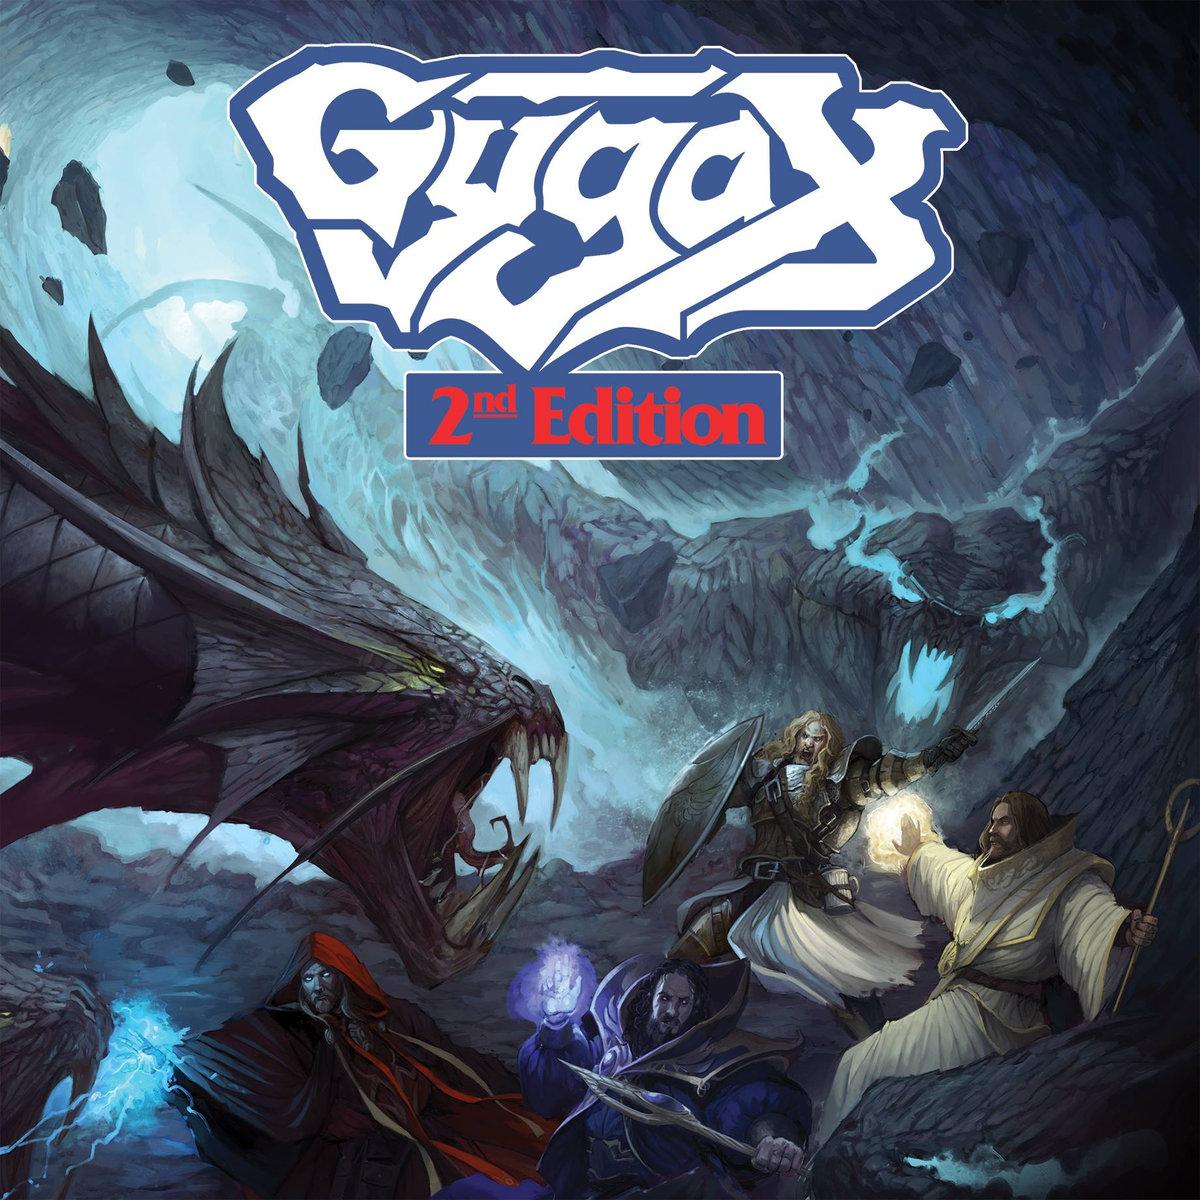 Gygax.jpg